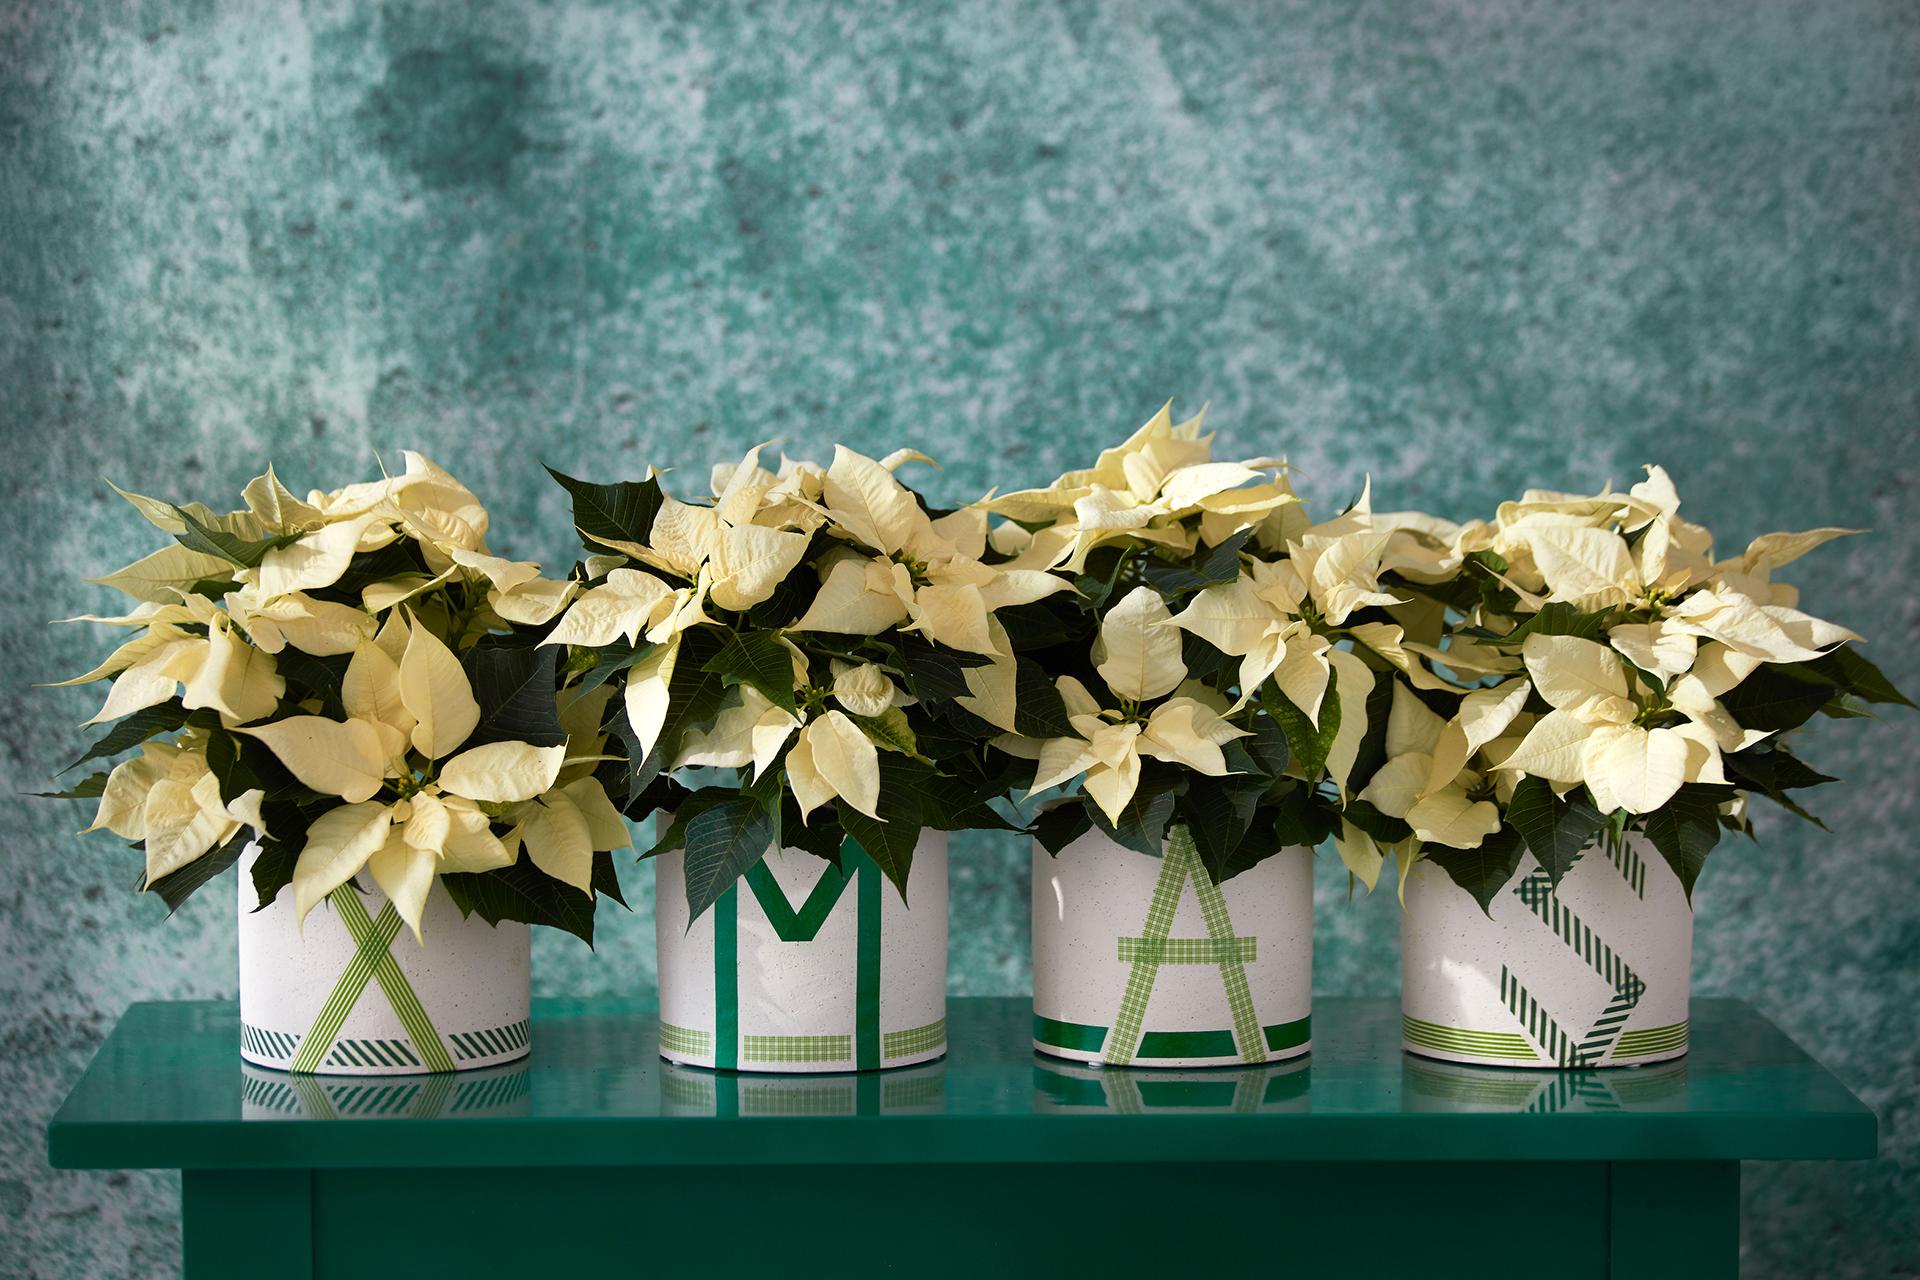 Ebenso einfach wie wirkungsvoll: Diese weihnachtliche DIY-Topfreihe lässt sich im Handumdrehen selbst gestalten